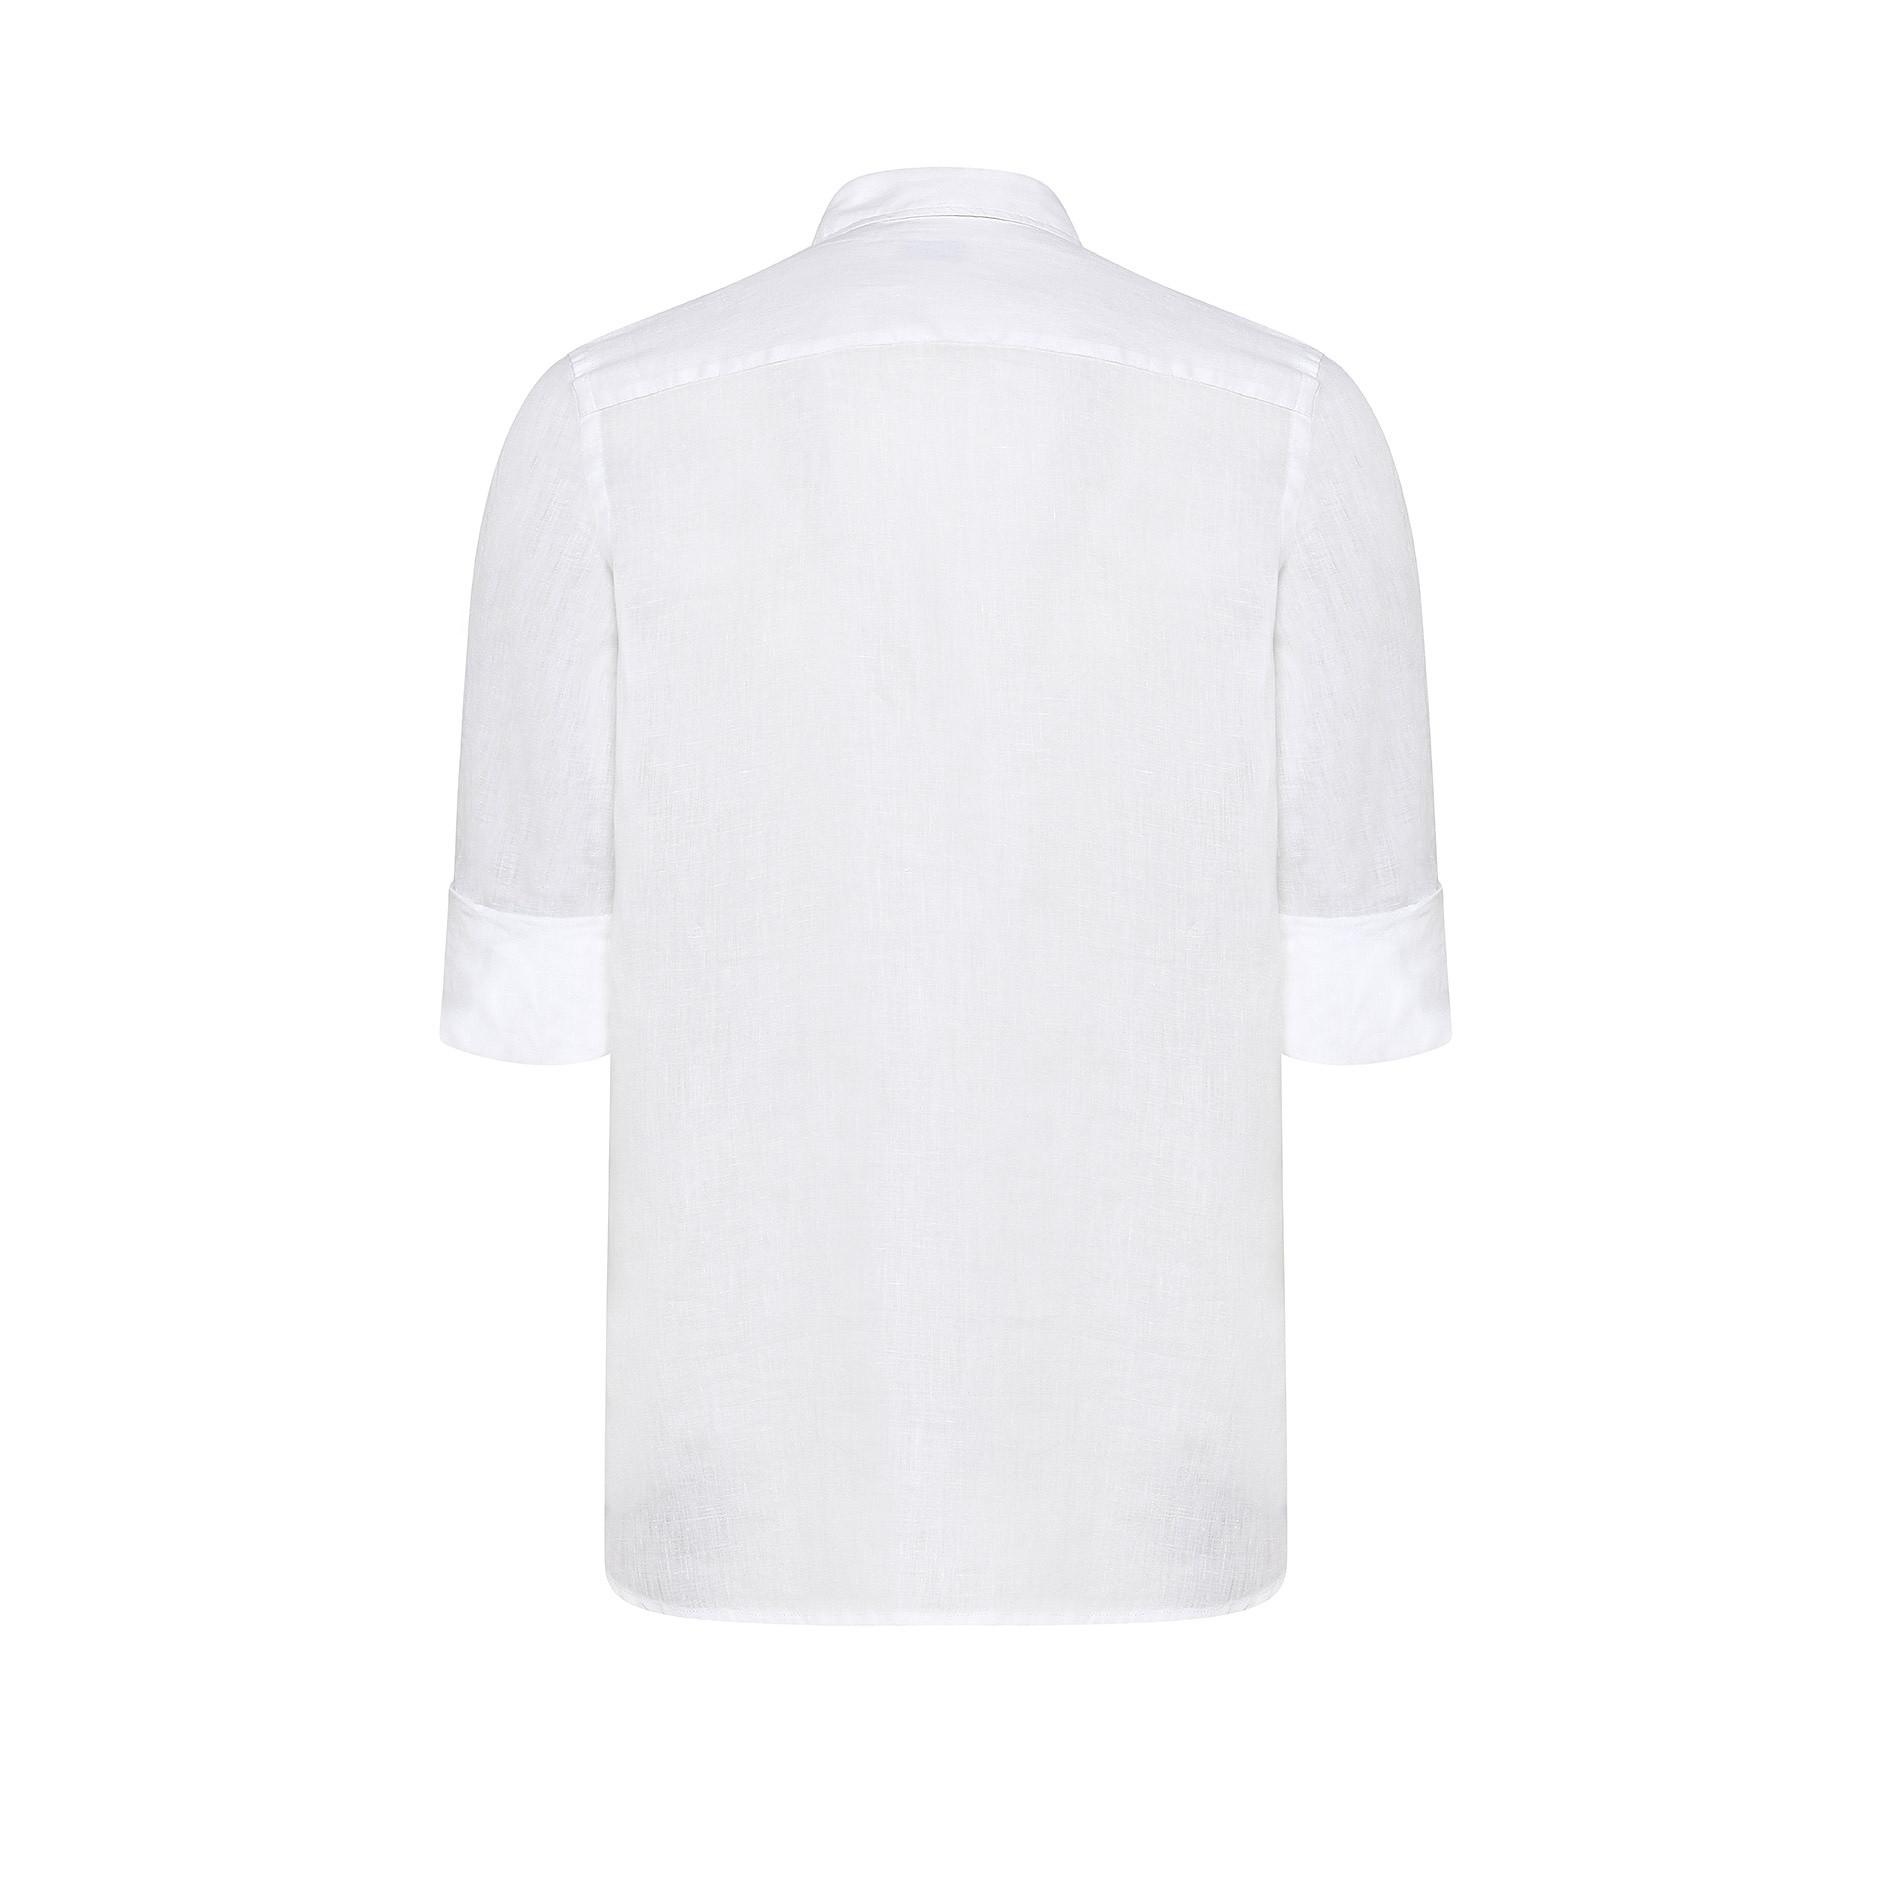 Camicia colletto classico puro lino JCT, Bianco, large image number 1